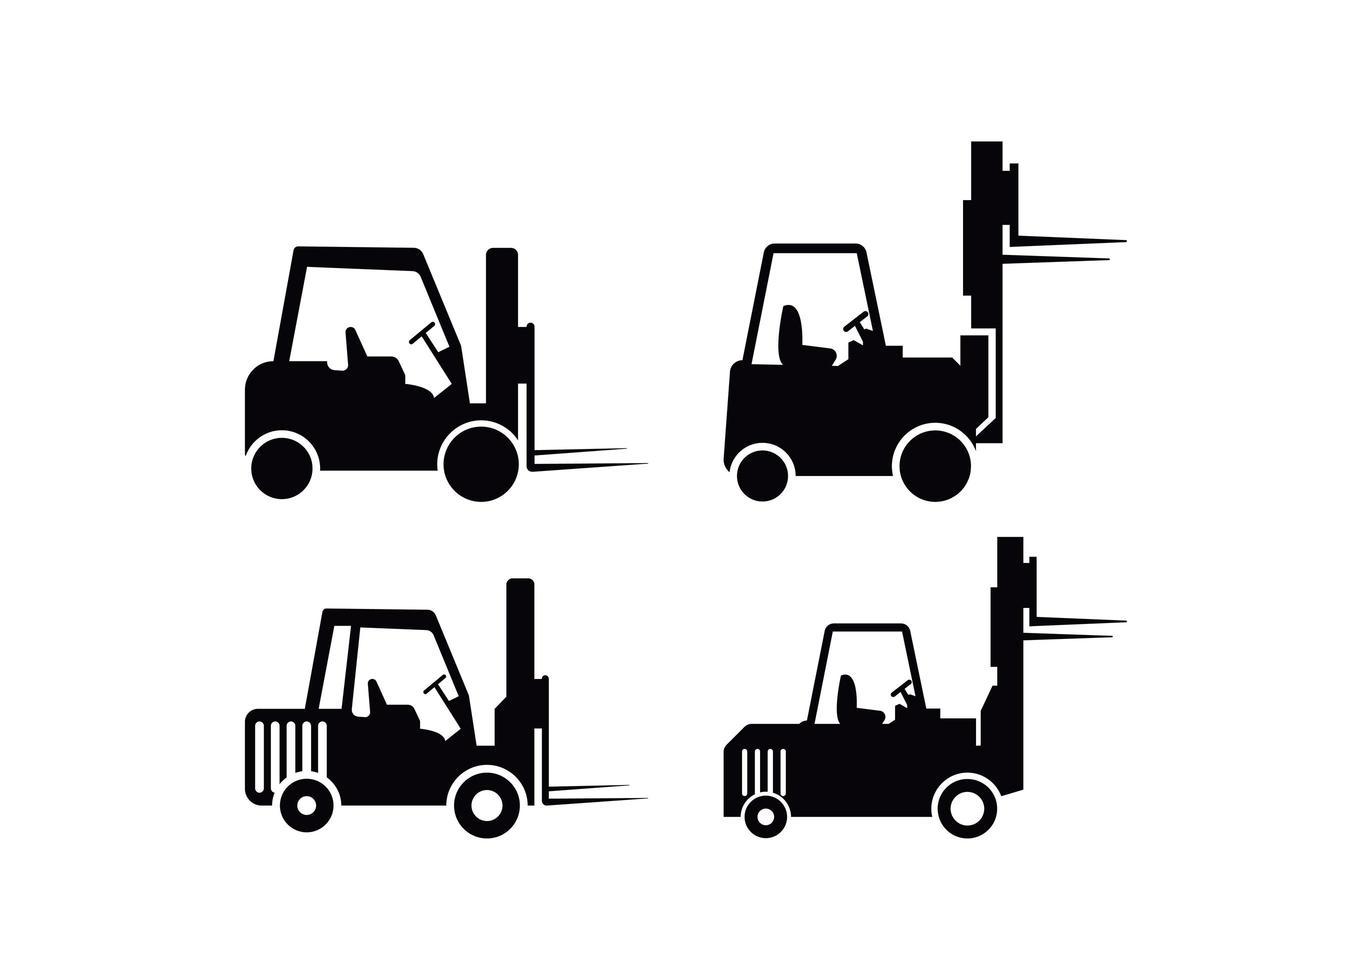 ensemble de modèles de conception icône chariot élévateur vecteur